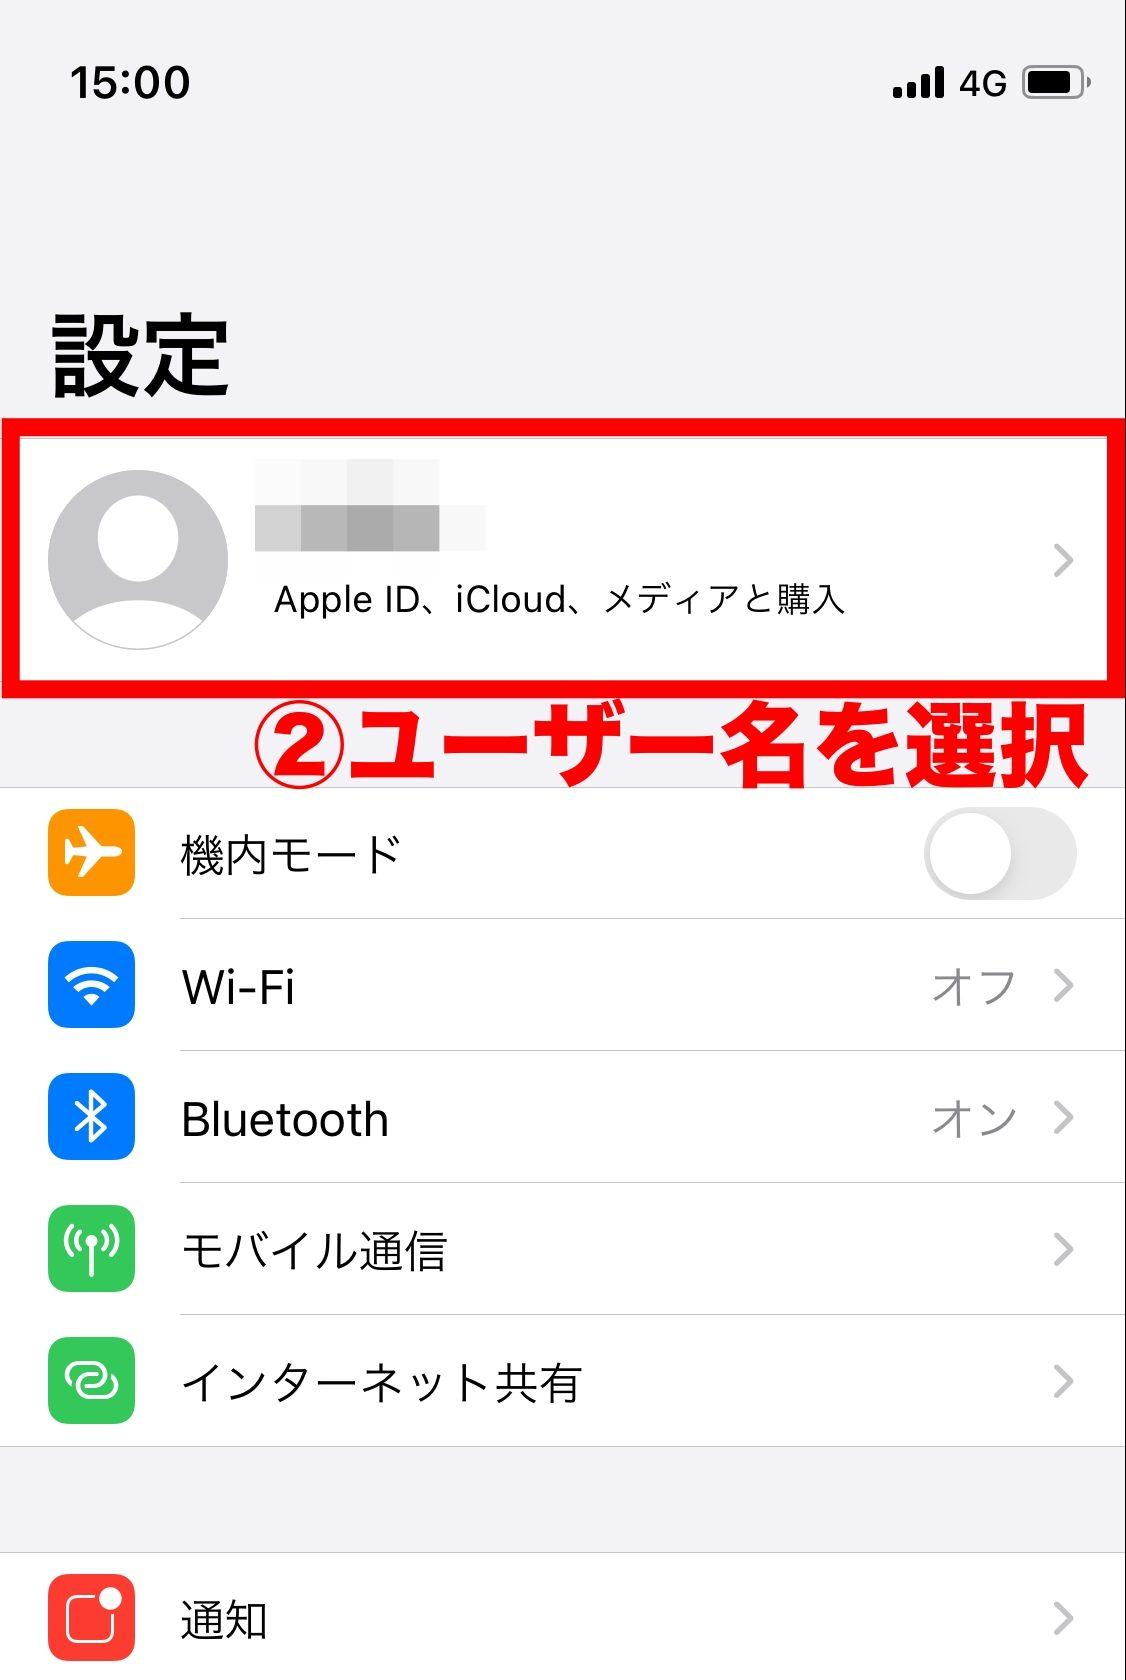 ホーム画面から[設定]を選択し、次の画面でユーザー名を選択